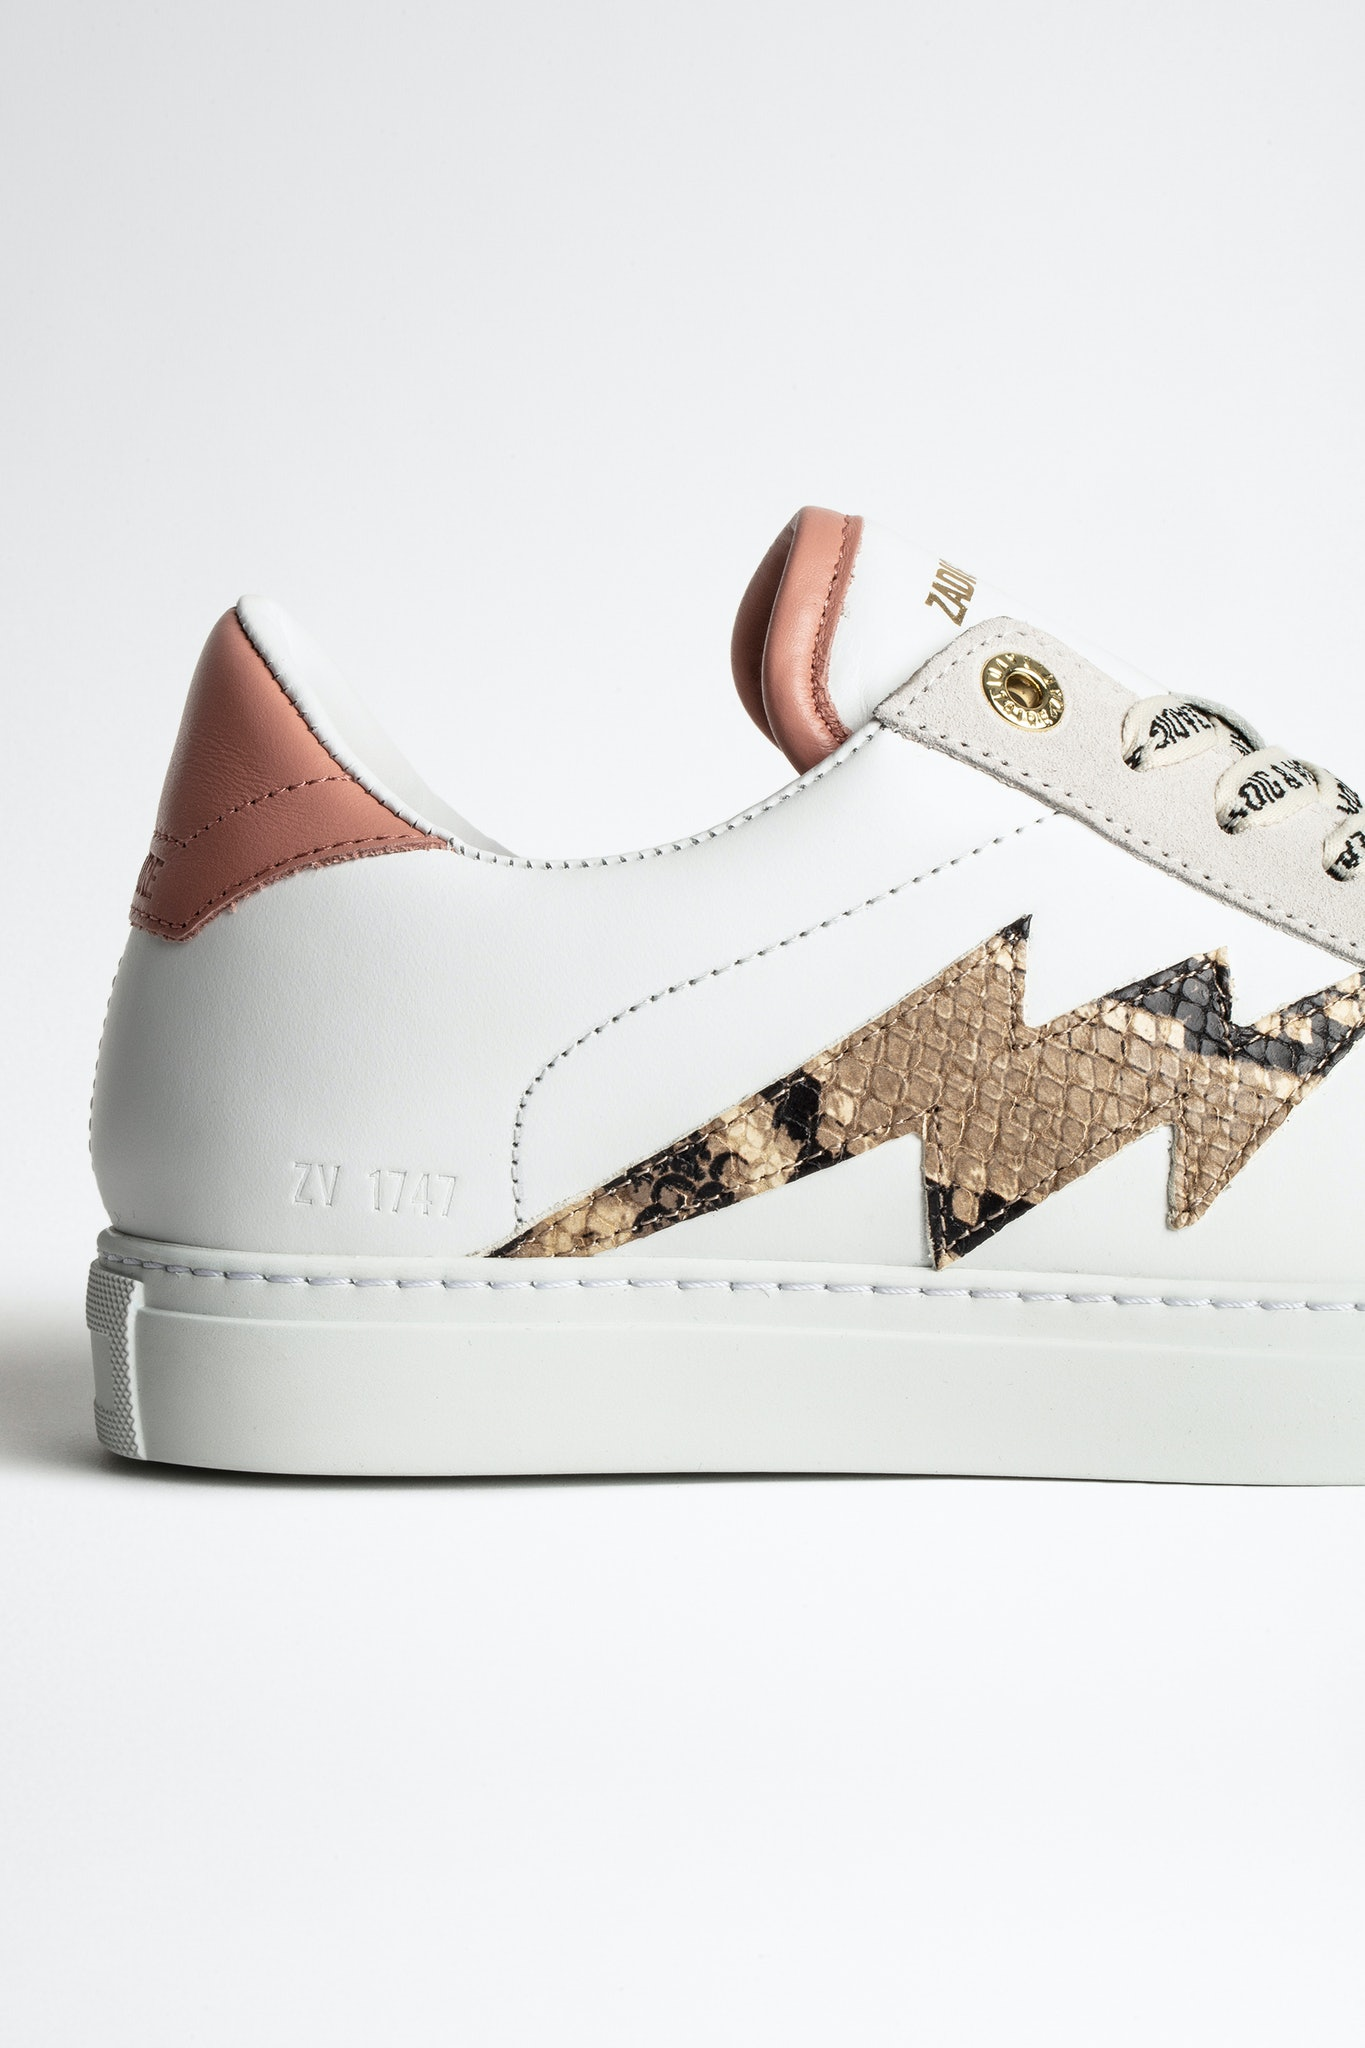 Sneakers ZV1747 Wild